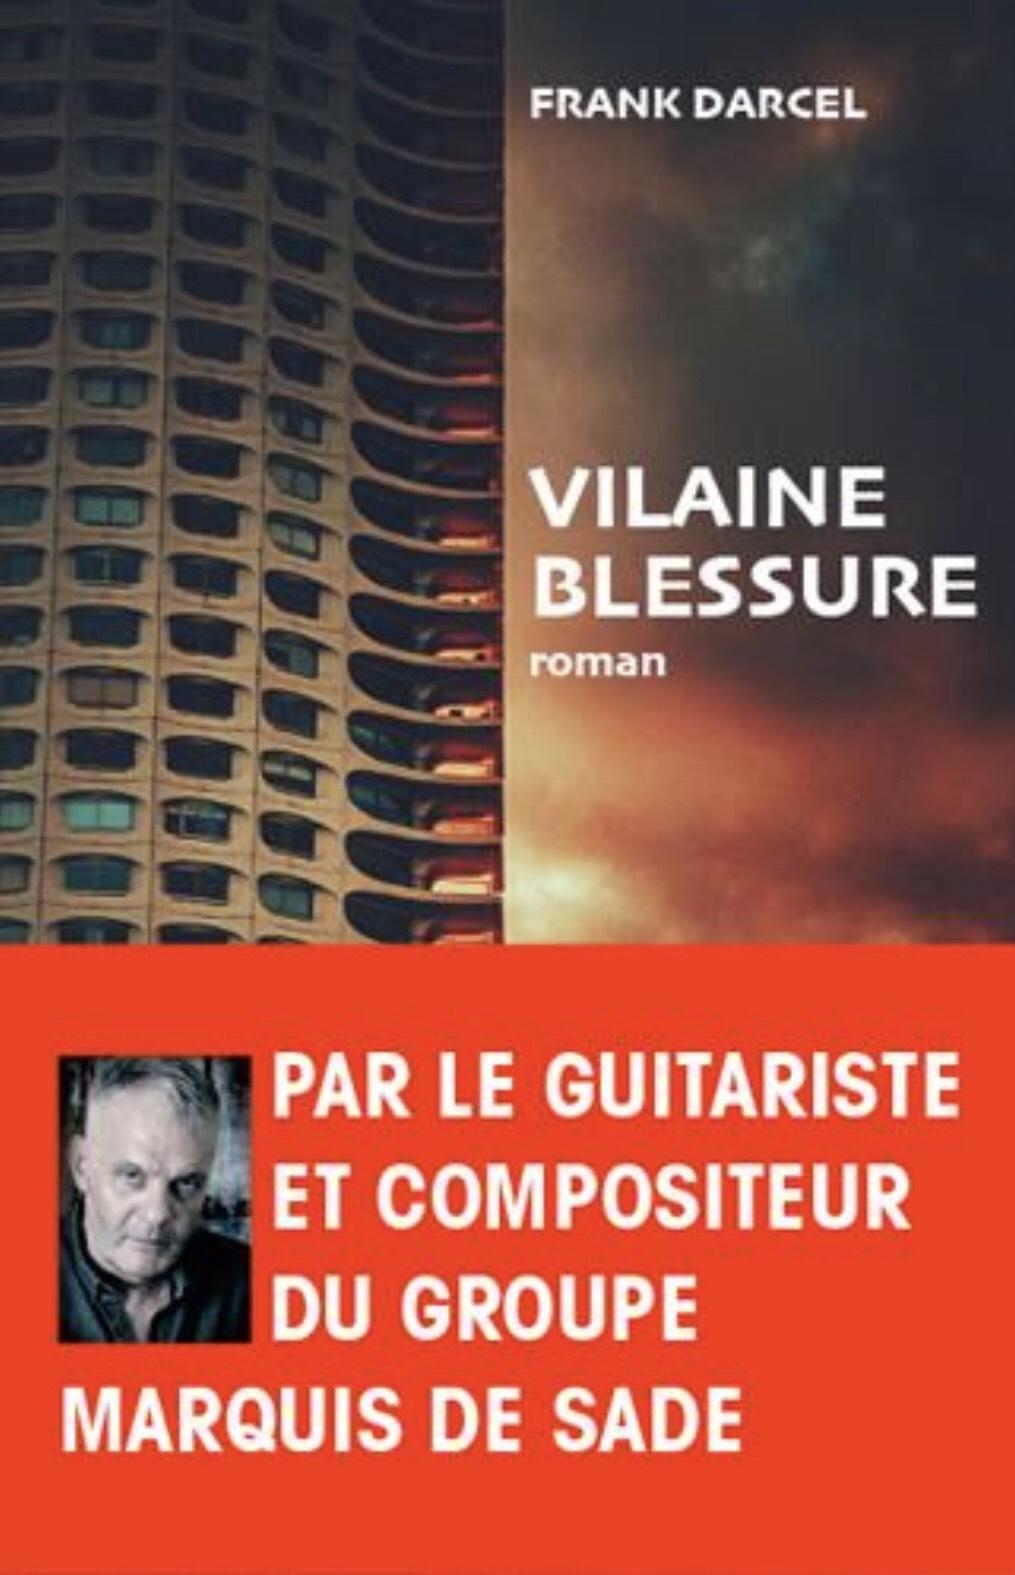 Cover of Vilaine Blessure, Frank Darcel's 4th novel